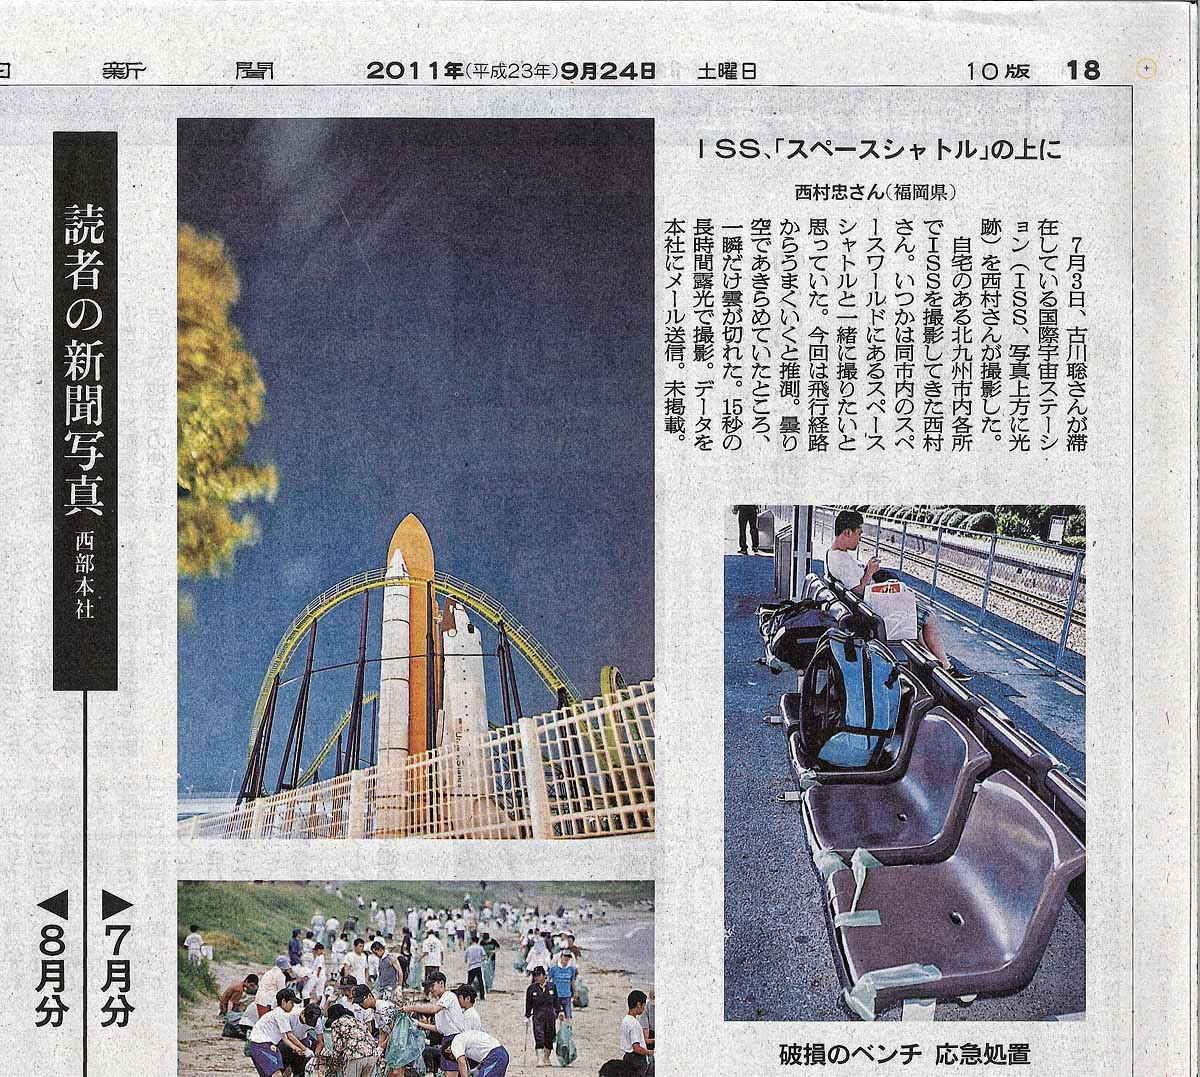 今朝の朝日新聞朝刊(西部版)_c0028861_10264612.jpg